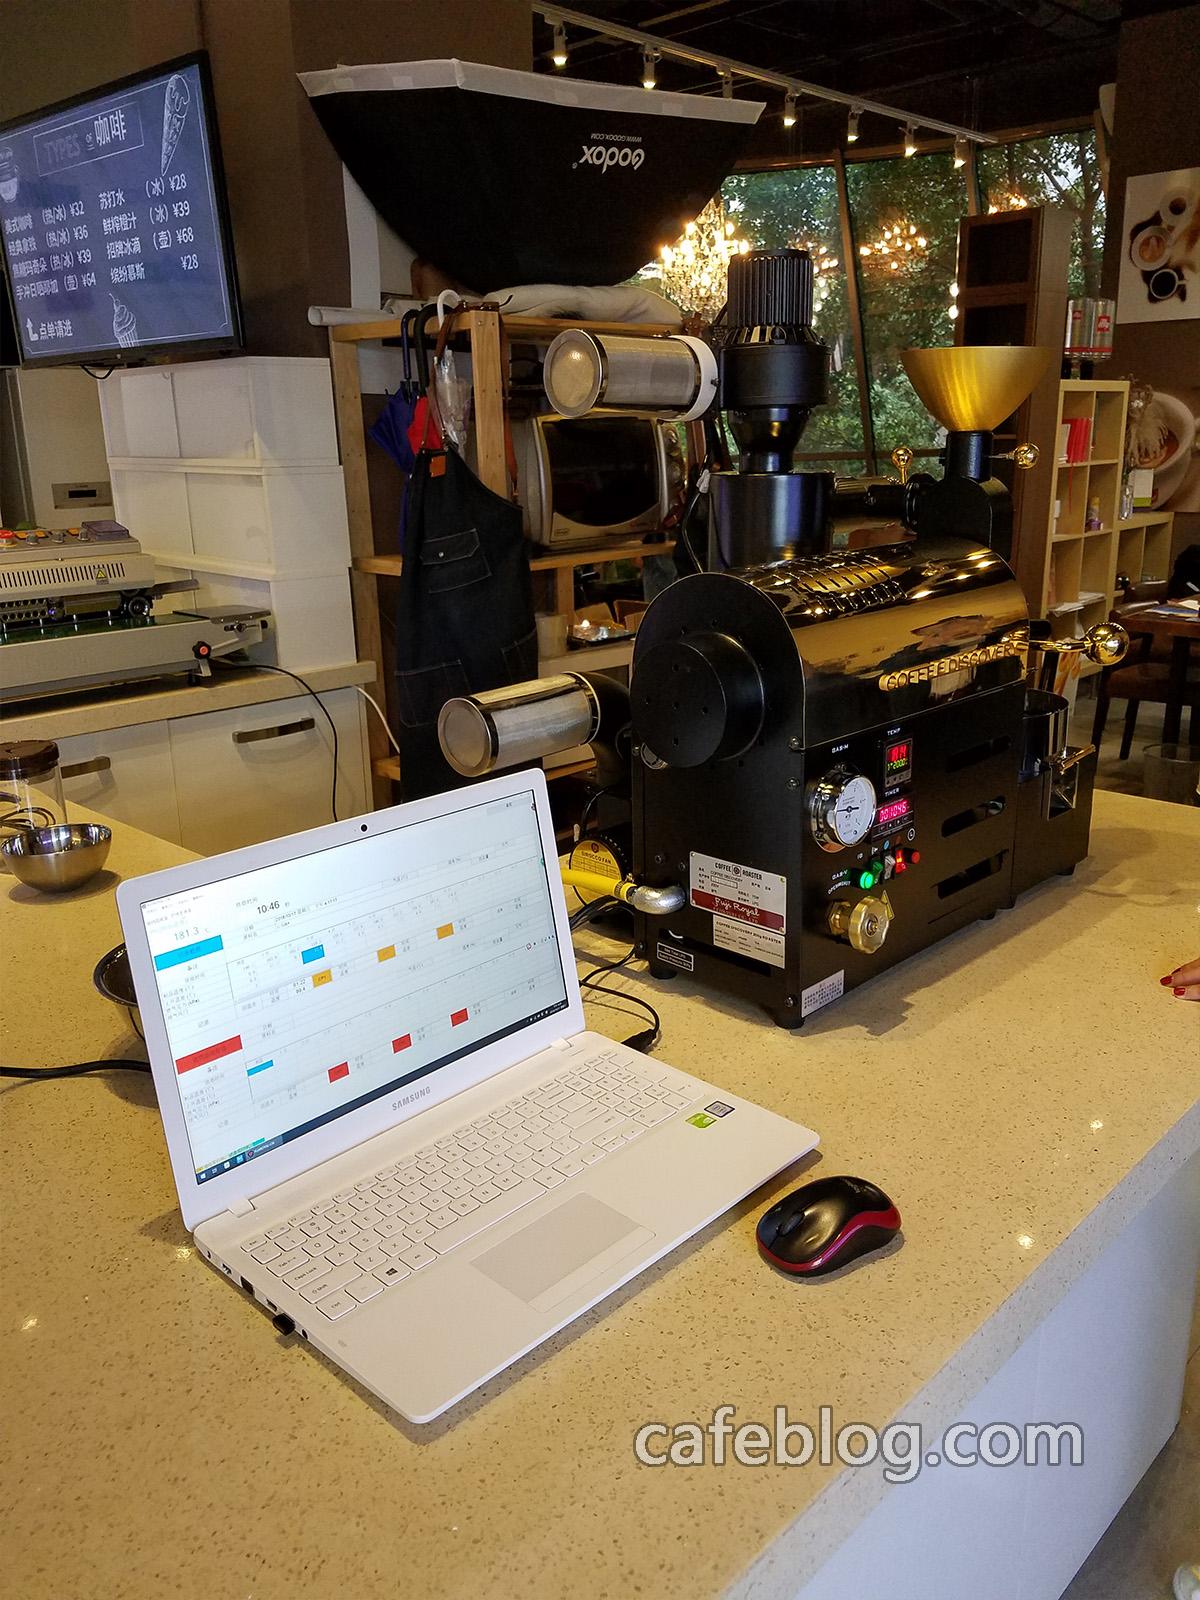 是一台电脑板DISCOVERY咖啡烘焙机